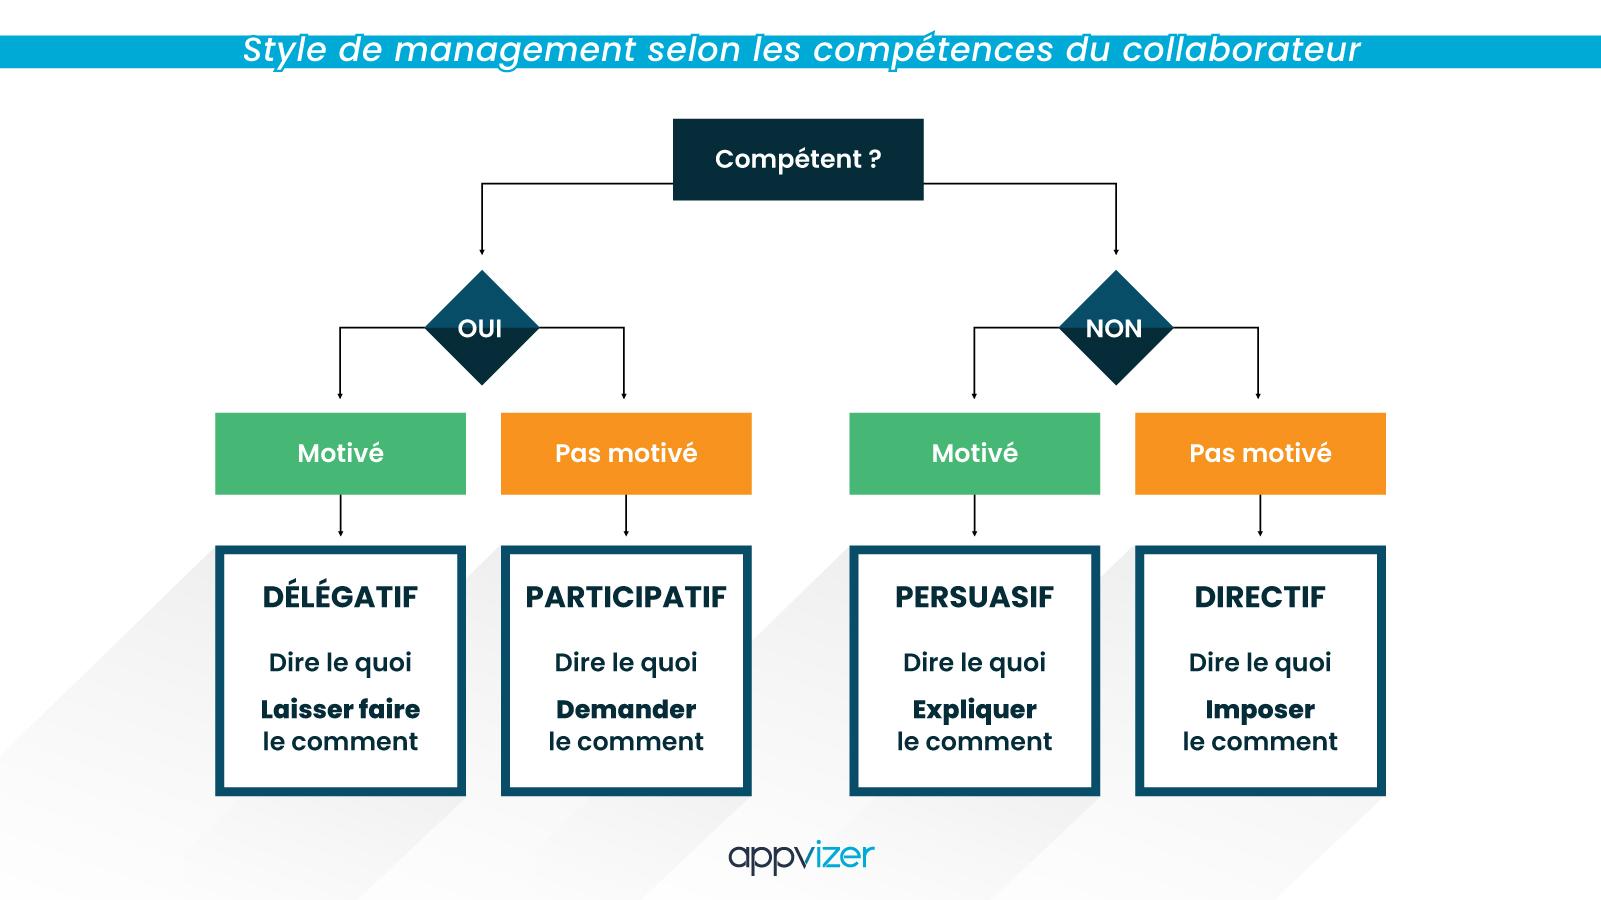 style-management-competences-collaborateur